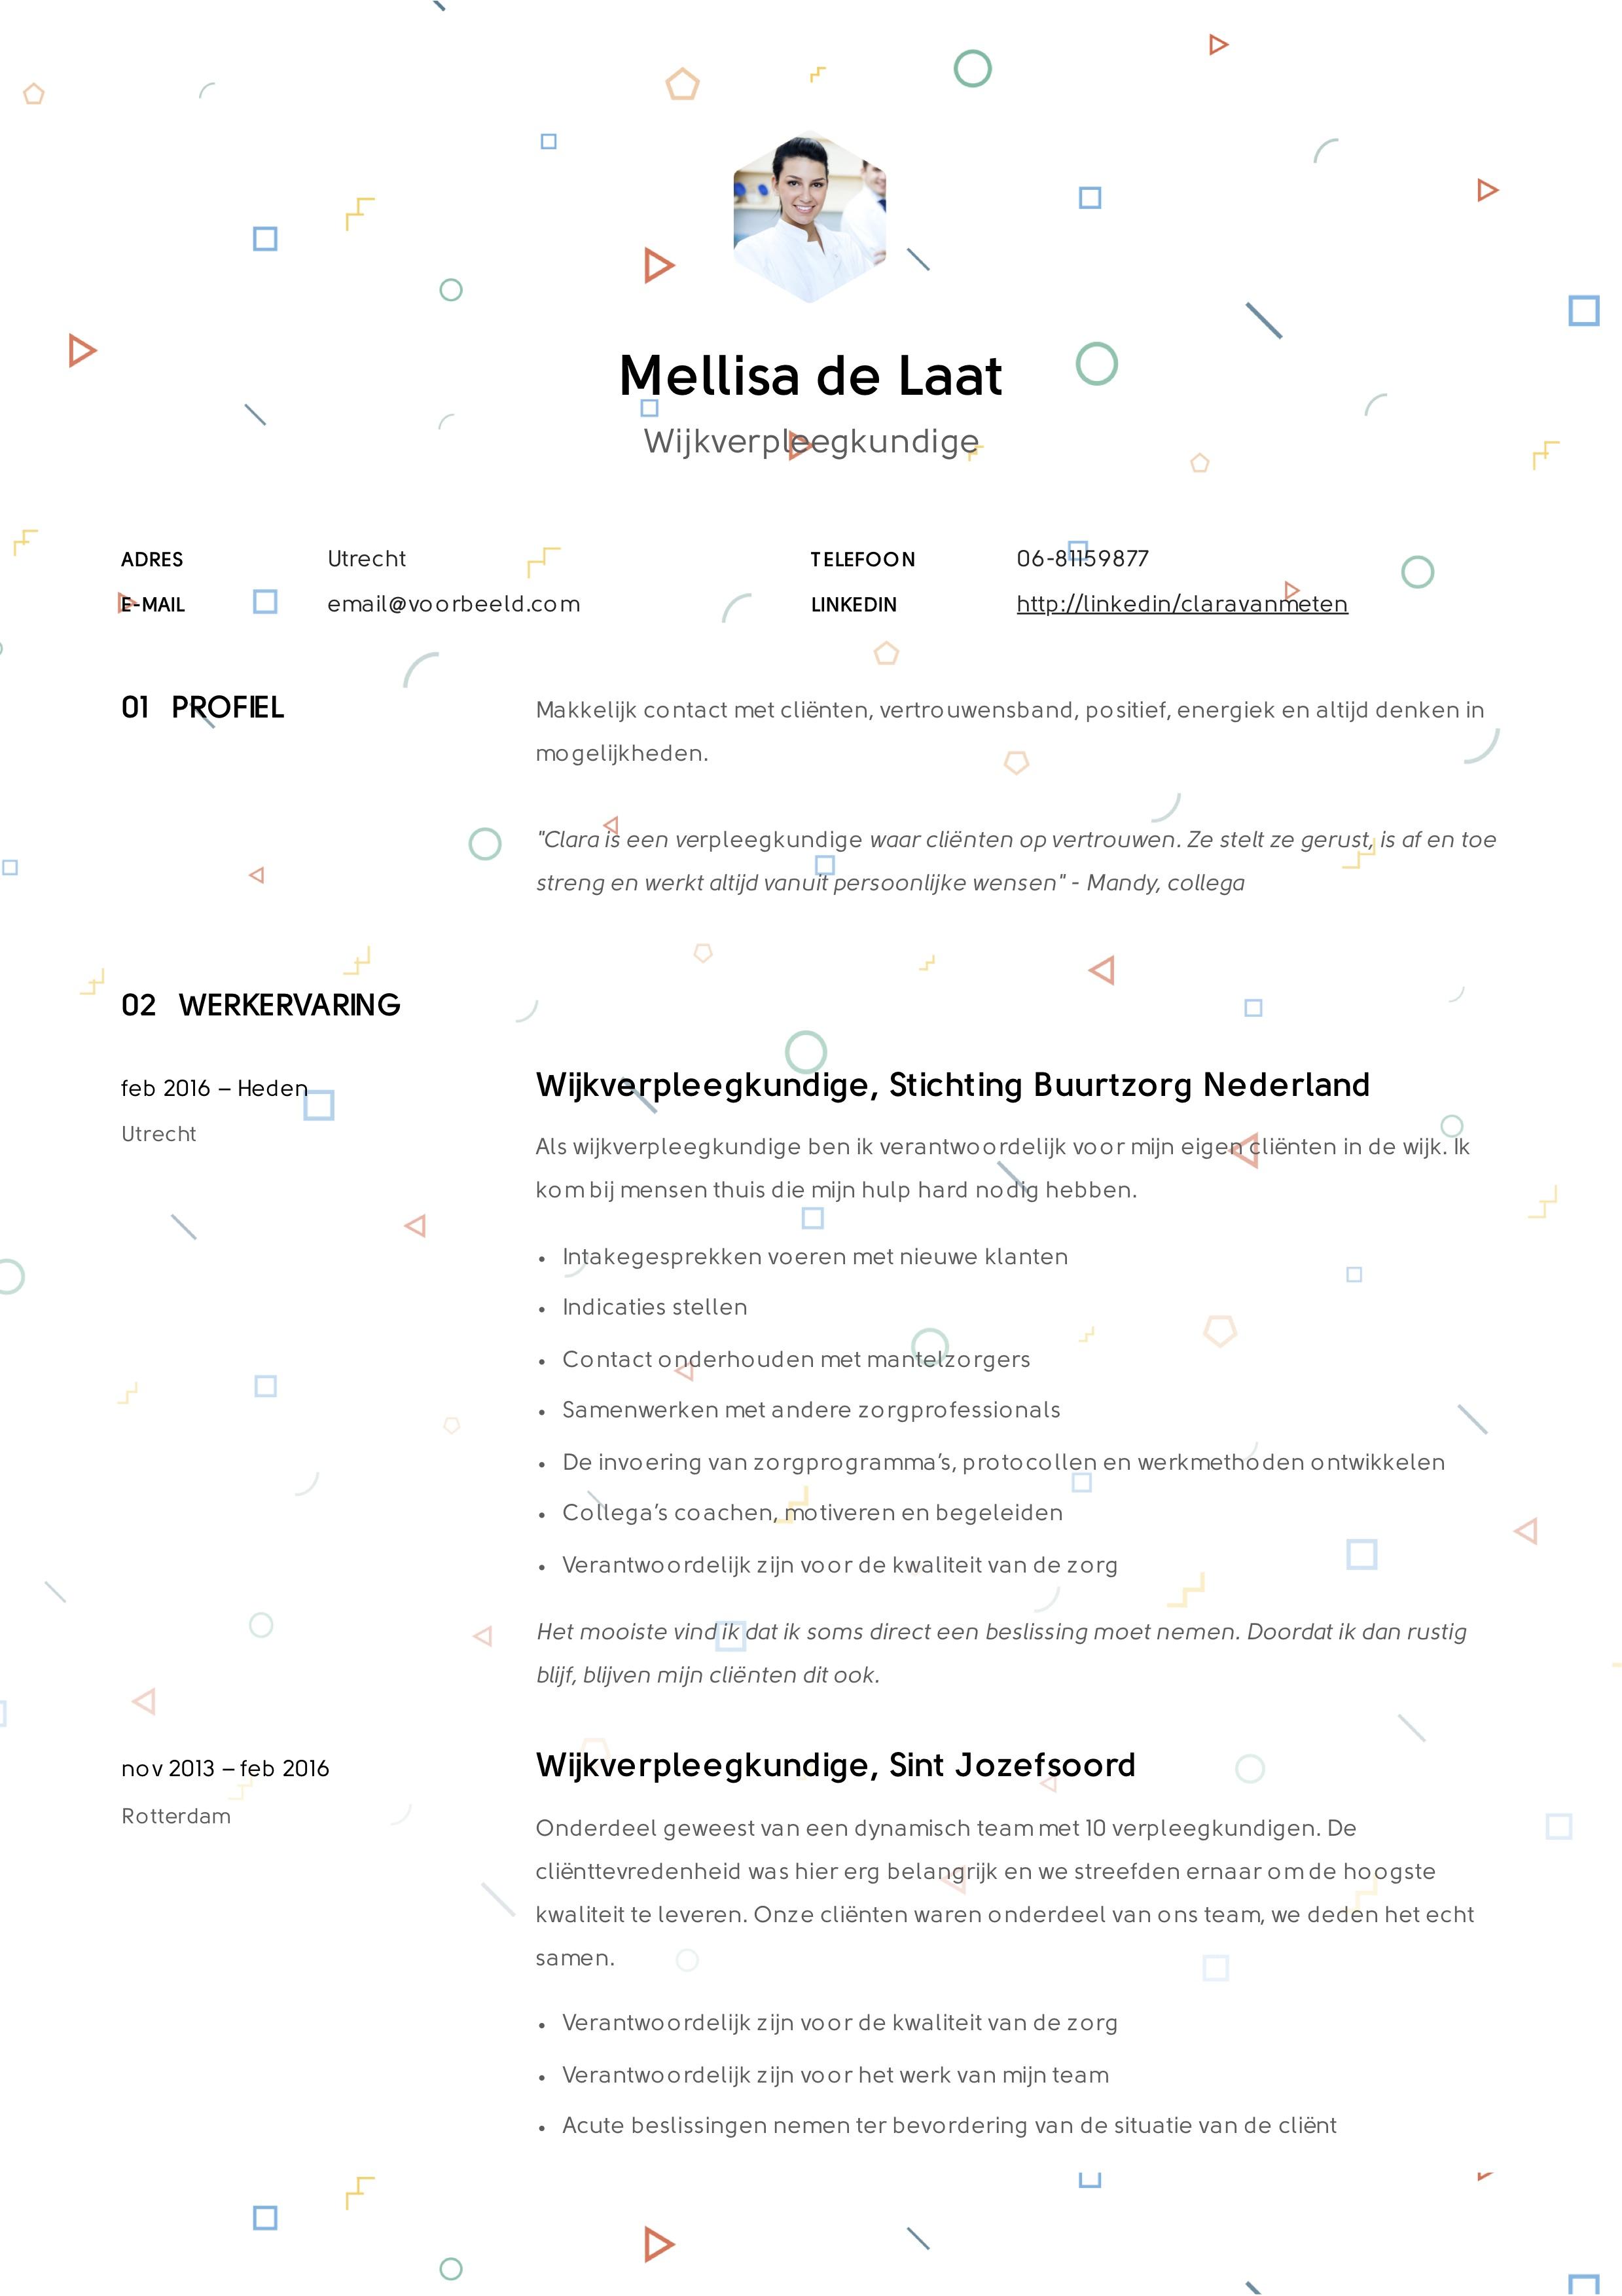 Mellisa_de_Laat_-_CV_-_Wijkverpleegkundige (7)